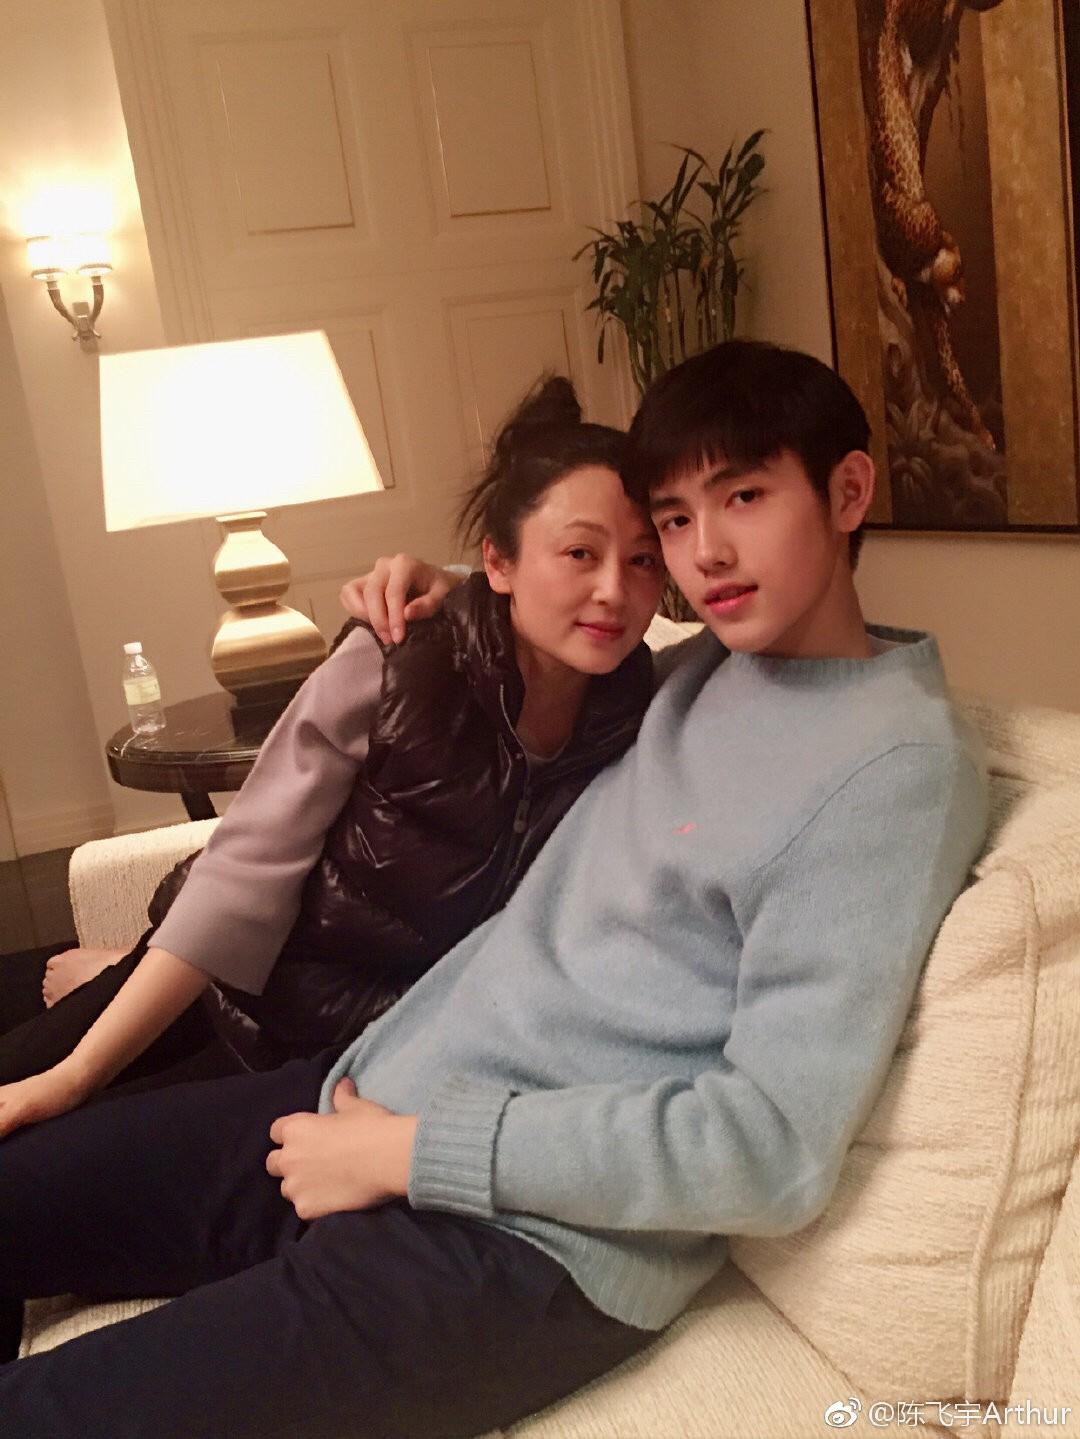 陈飞宇夸赞妈妈陈红有世界上最好看的侧脸,在家都是陈凯歌做饭 作者: 来源:不八卦会死星人